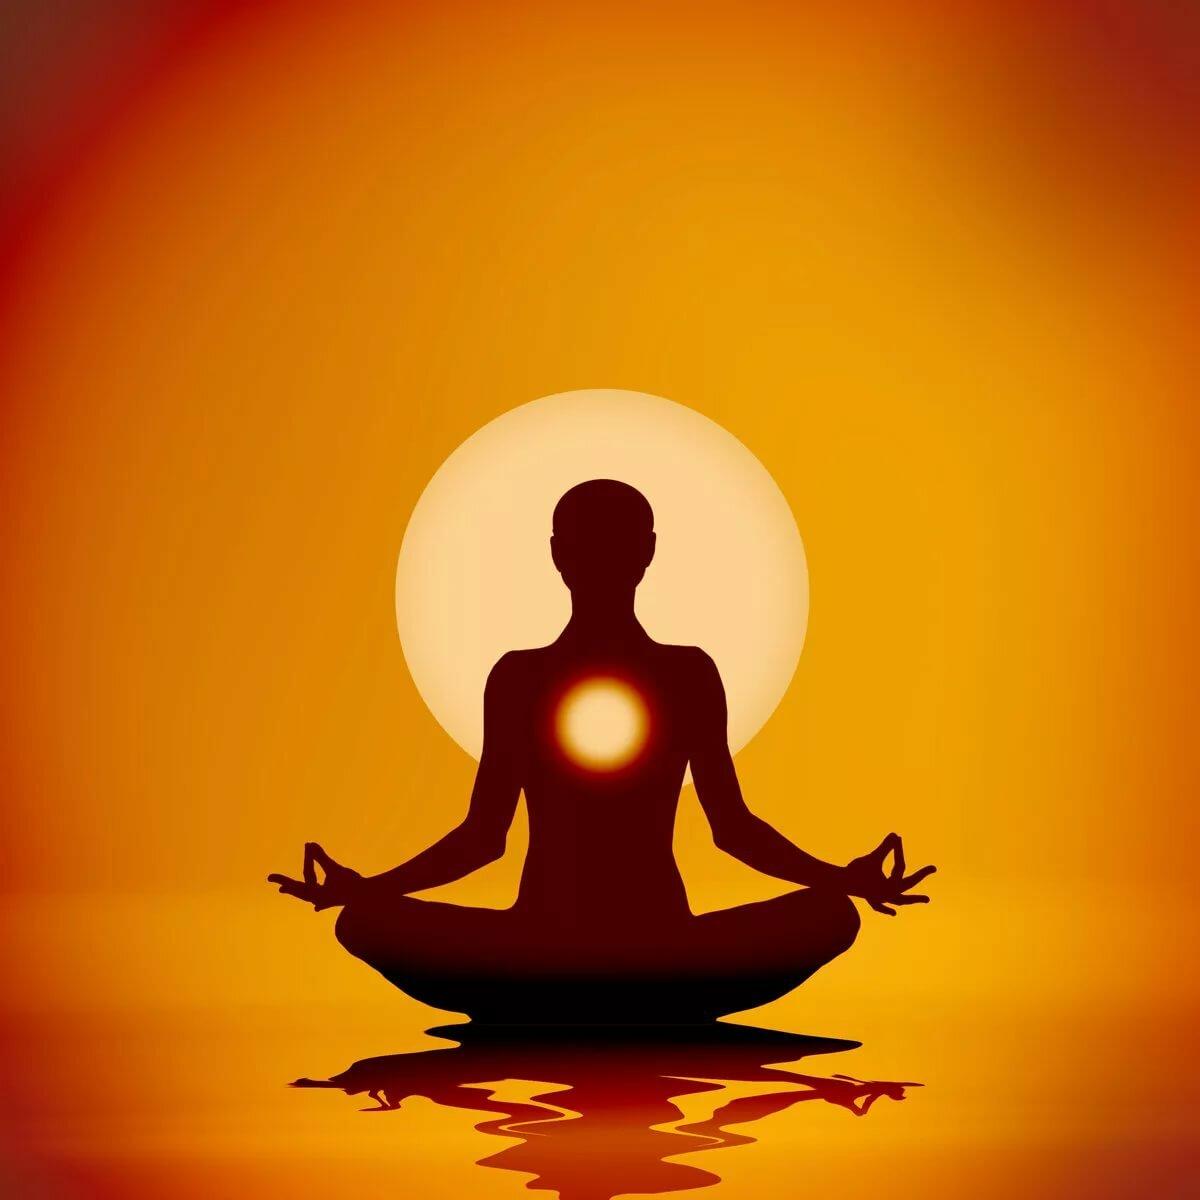 Поза медитации картинка